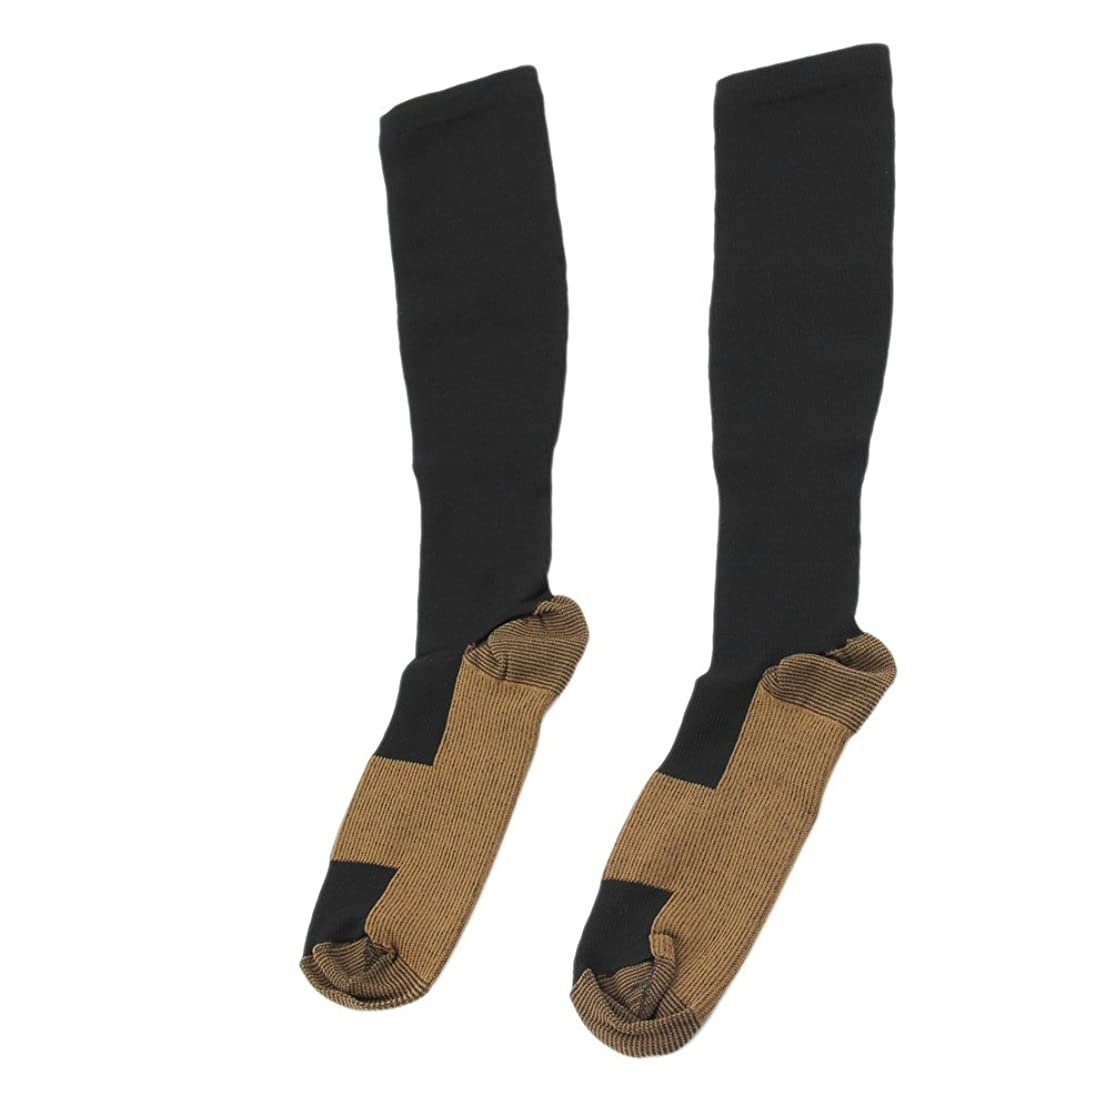 バーゲン公爵価格ファッショナブルな快適な救済ソフト男性女性抗疲労圧縮靴下抗疲労静脈瘤ソックス - ブラックL